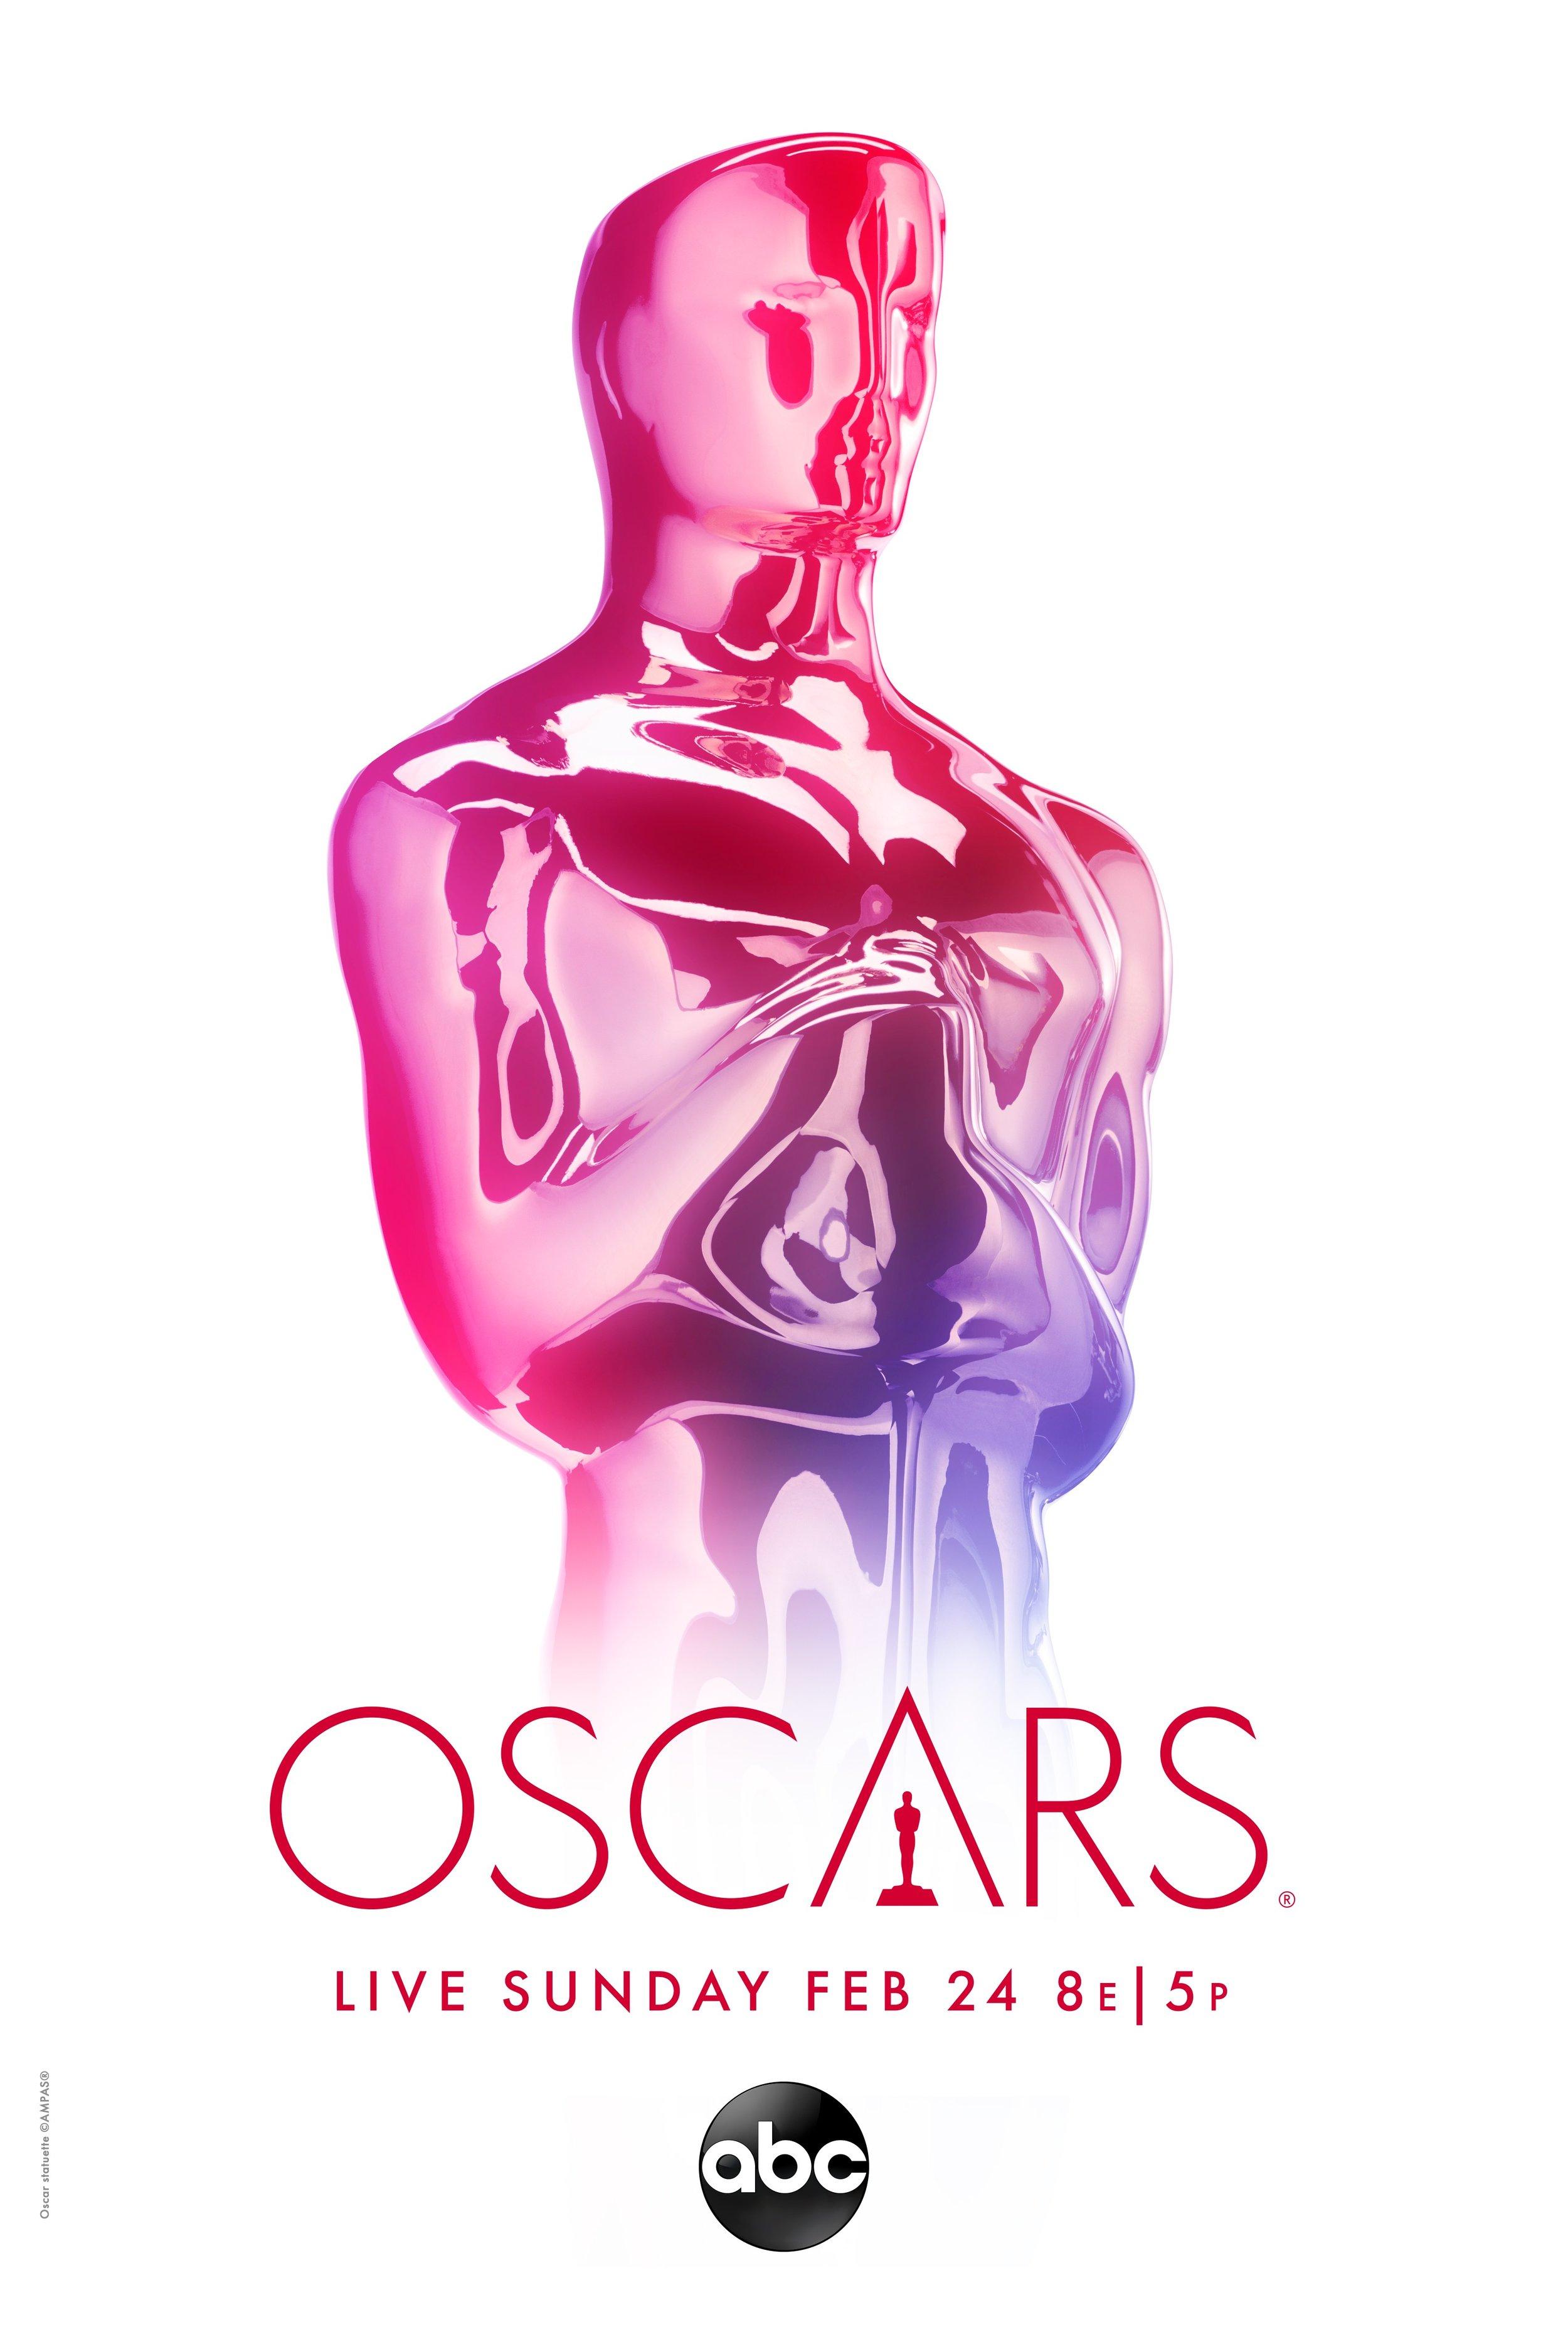 OSCARS® - We have the list…